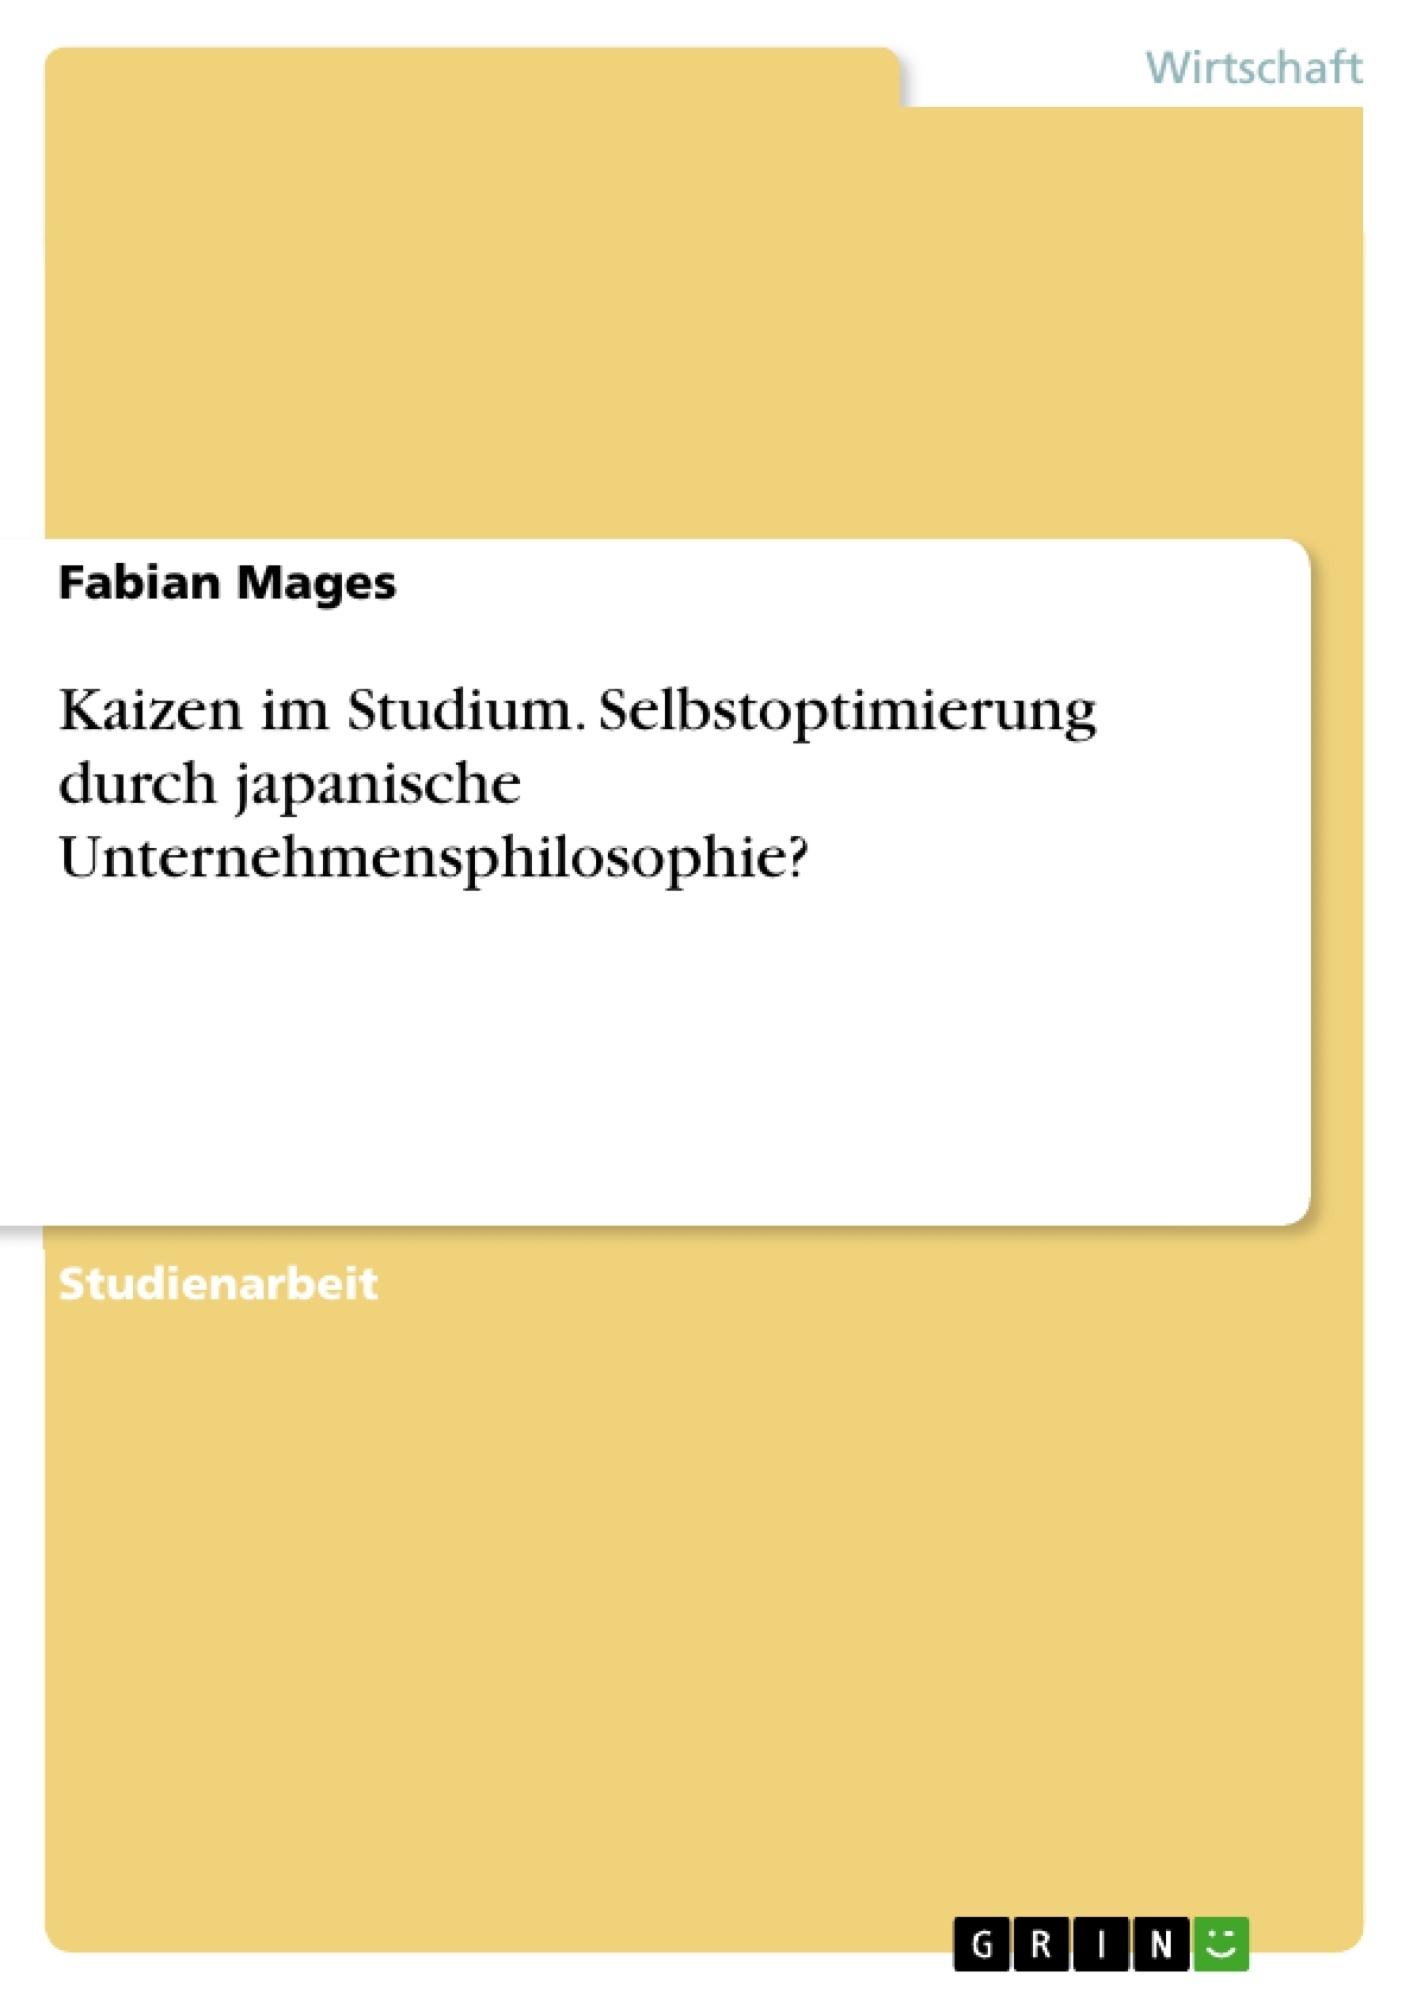 Titel: Kaizen im Studium. Selbstoptimierung durch japanische Unternehmensphilosophie?